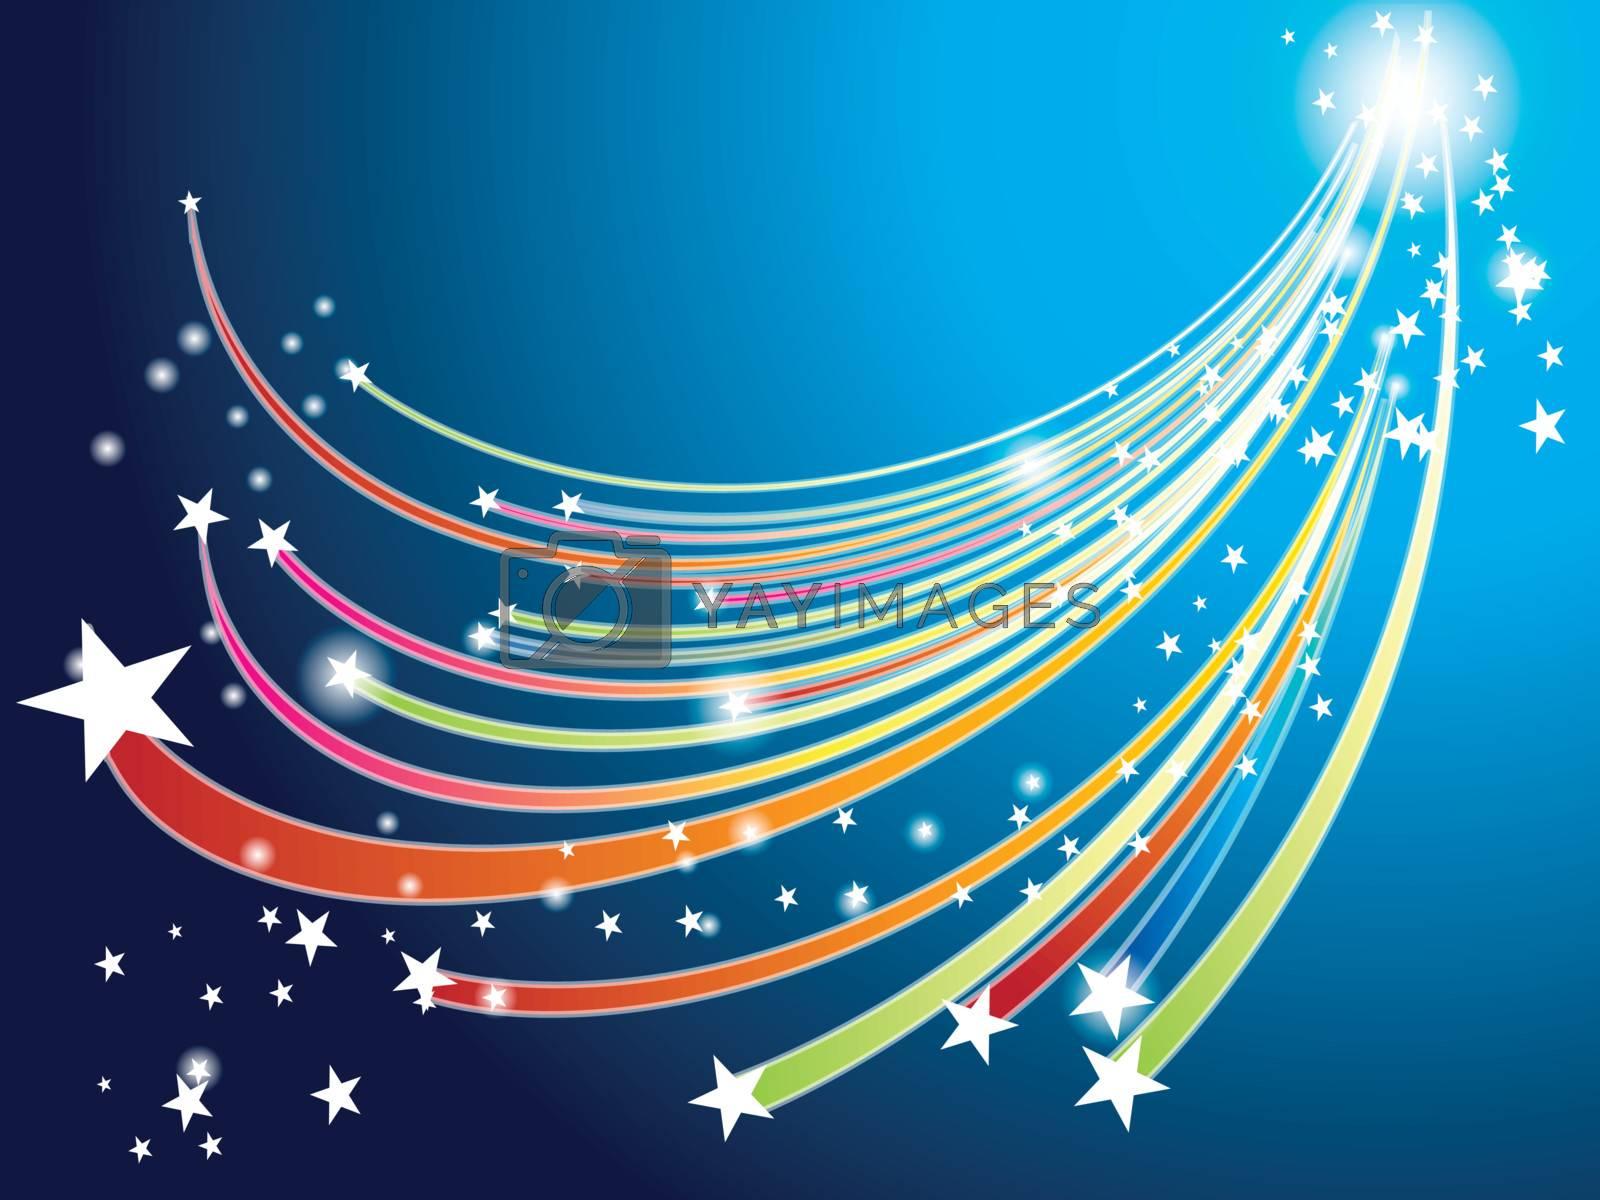 Stars dancing